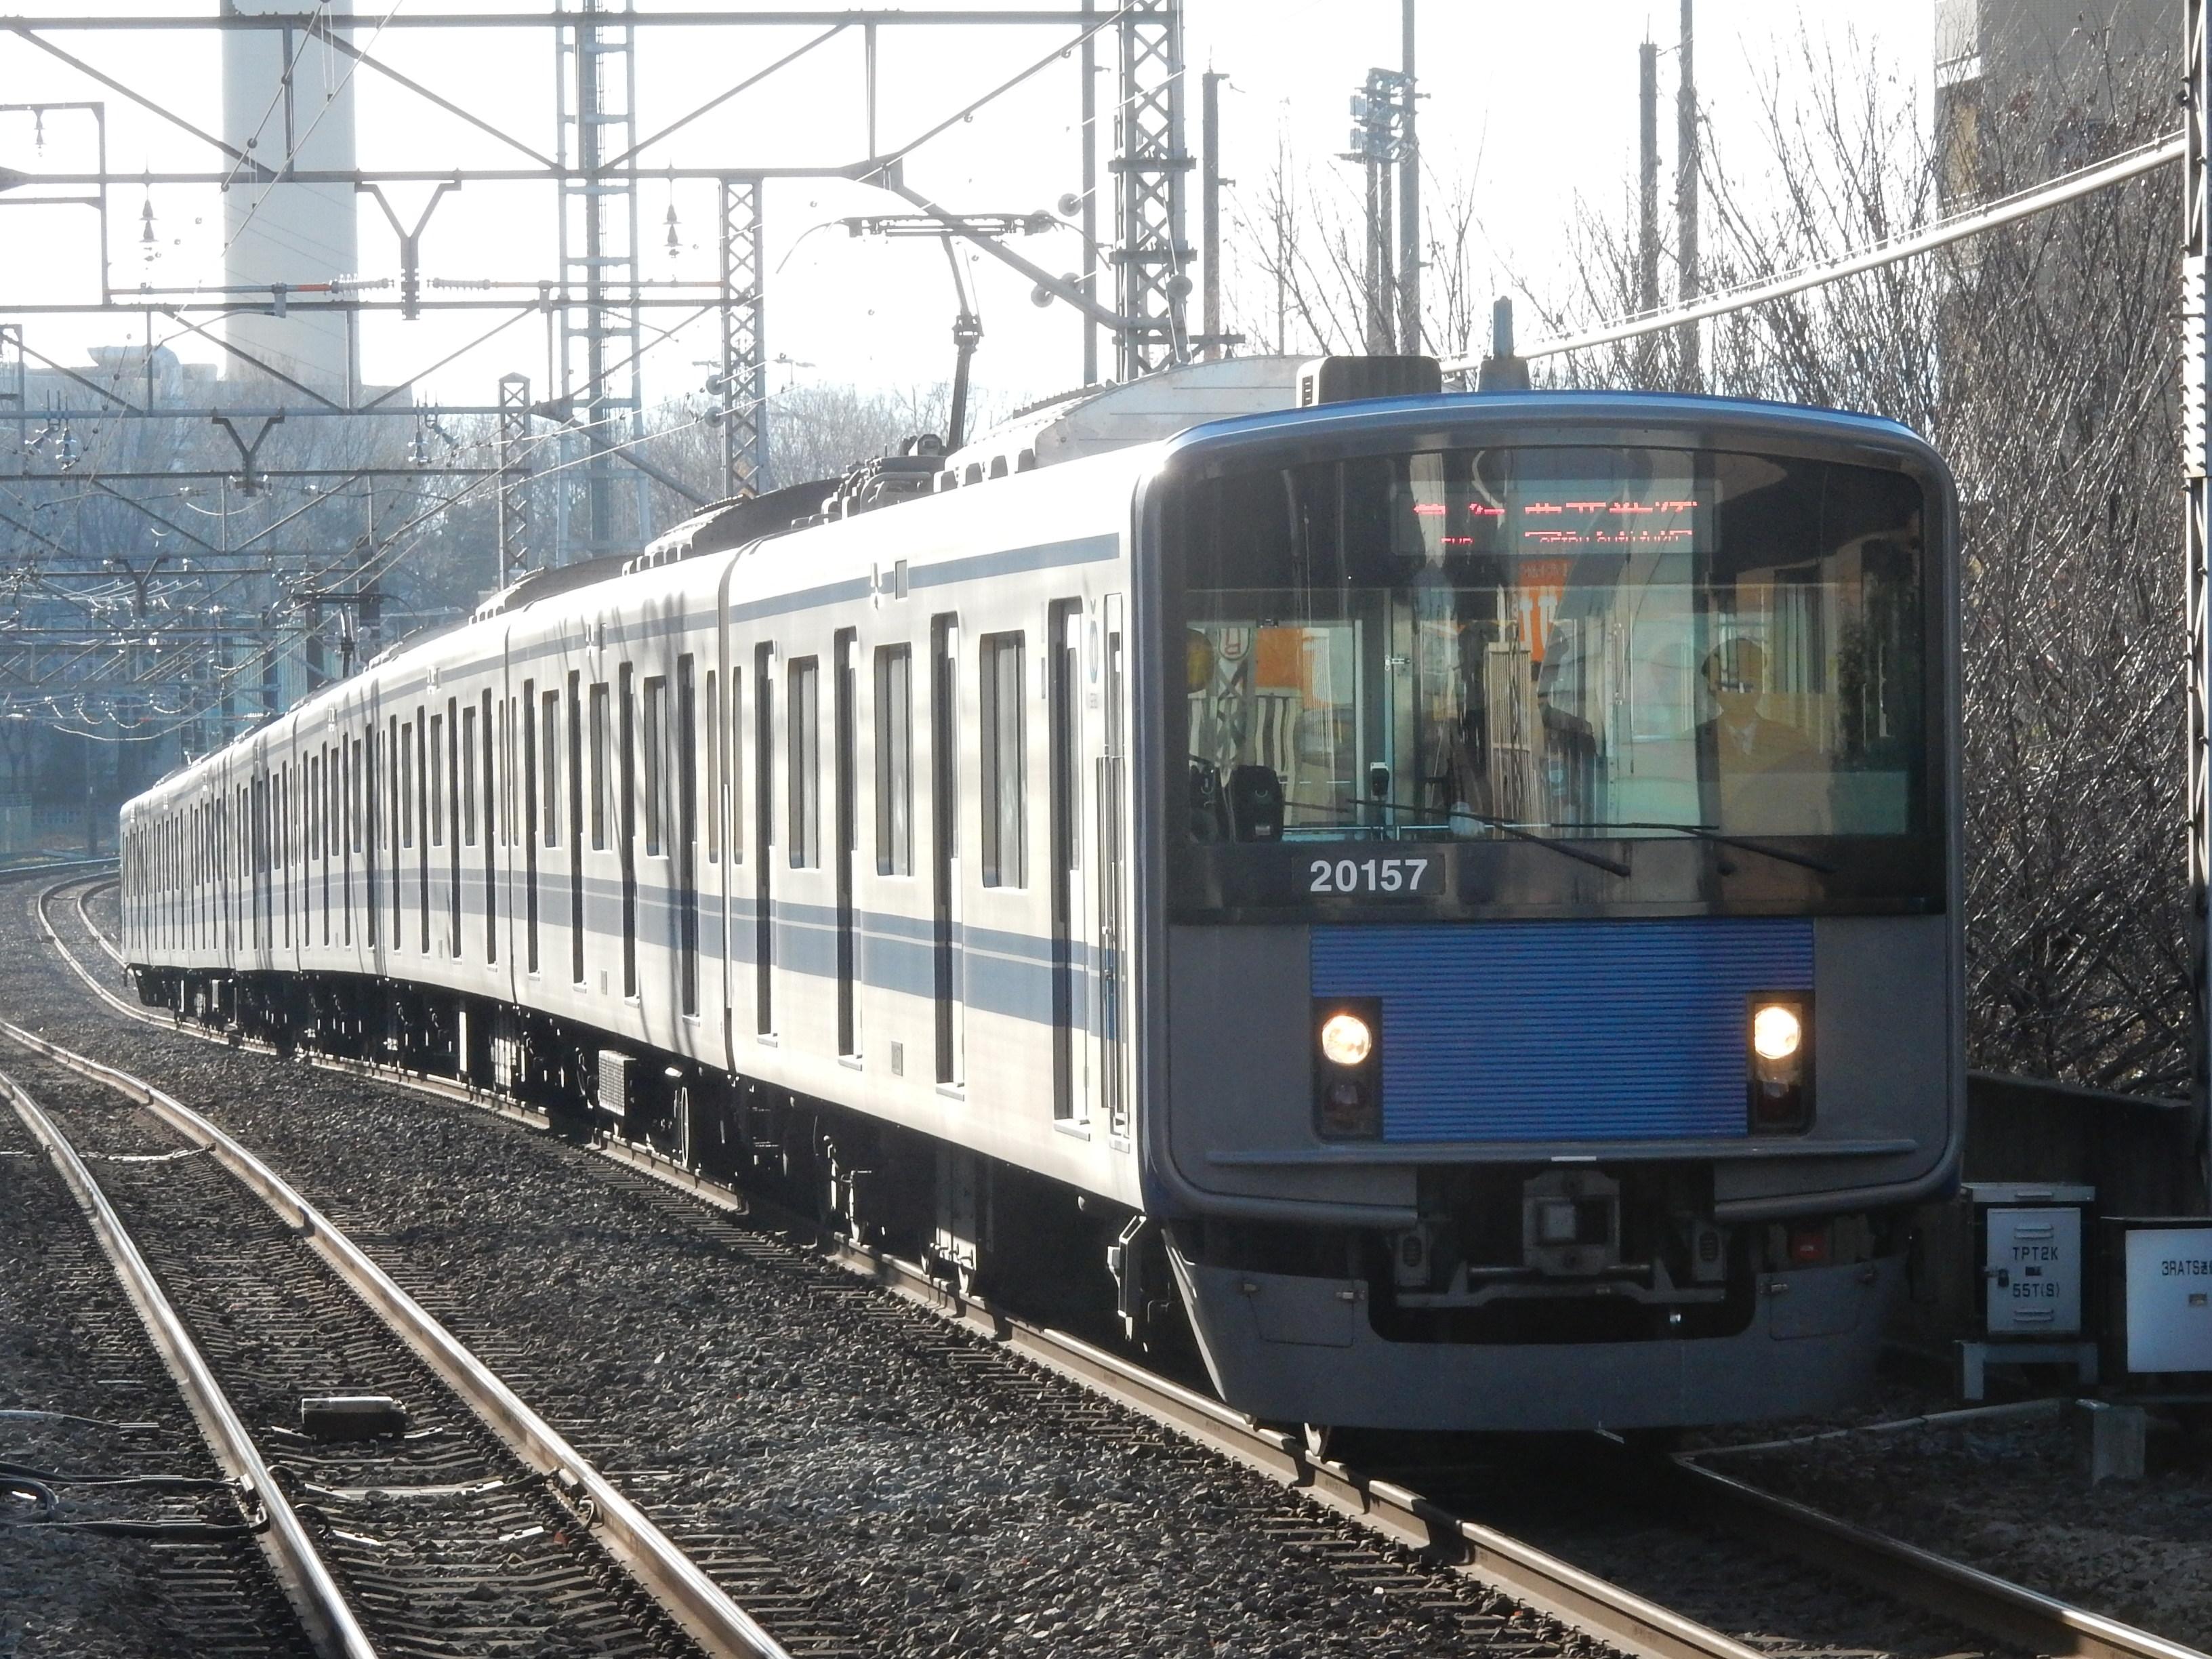 DSCN9163.jpg